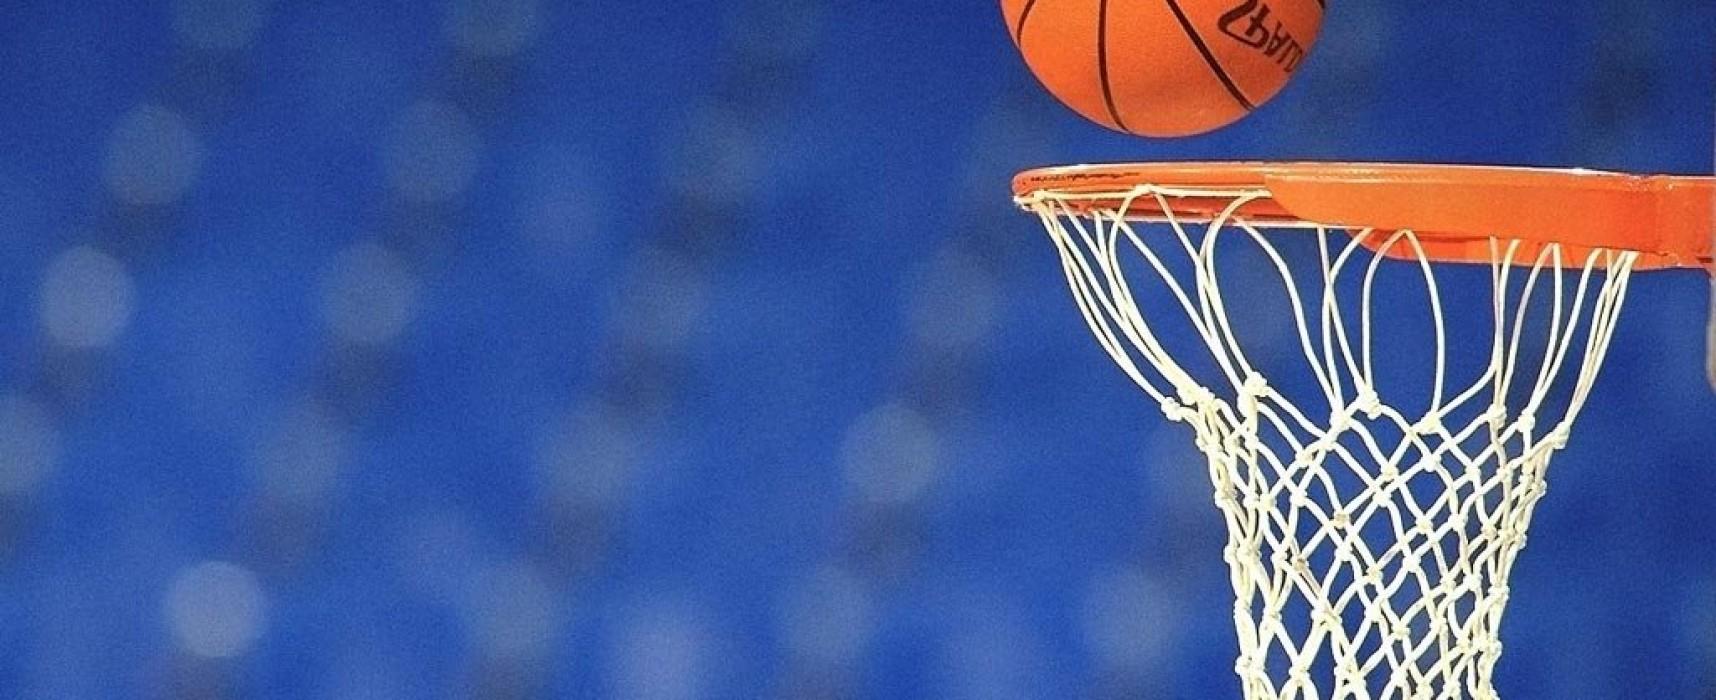 Ambrosia Bisceglie, ufficializzato il nuovo Girone D della Serie B di basket.